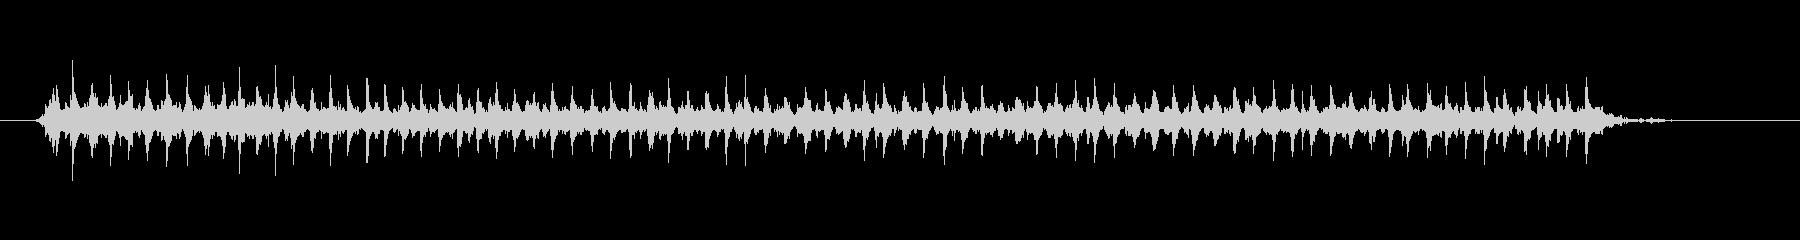 ジングルベル、スロー、ミュージック...の未再生の波形